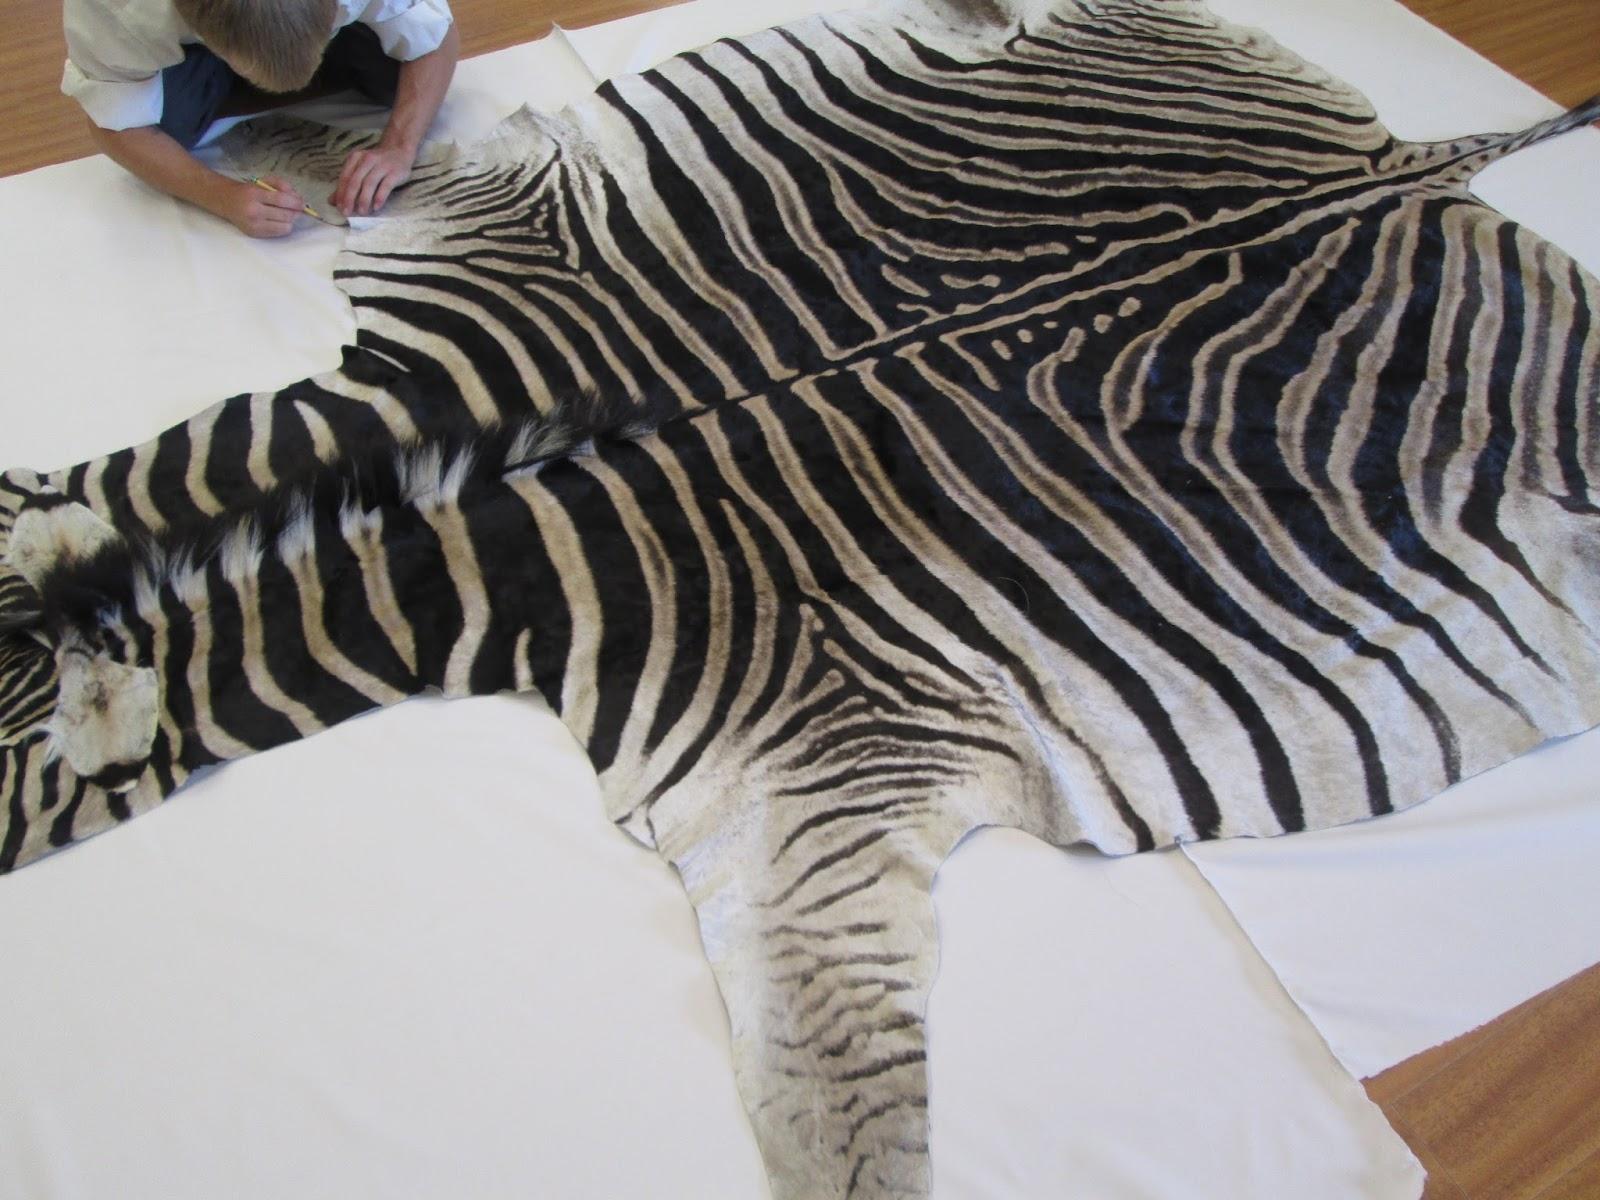 Zebra Hide Skin Cleaning And Repair In Los Angeles